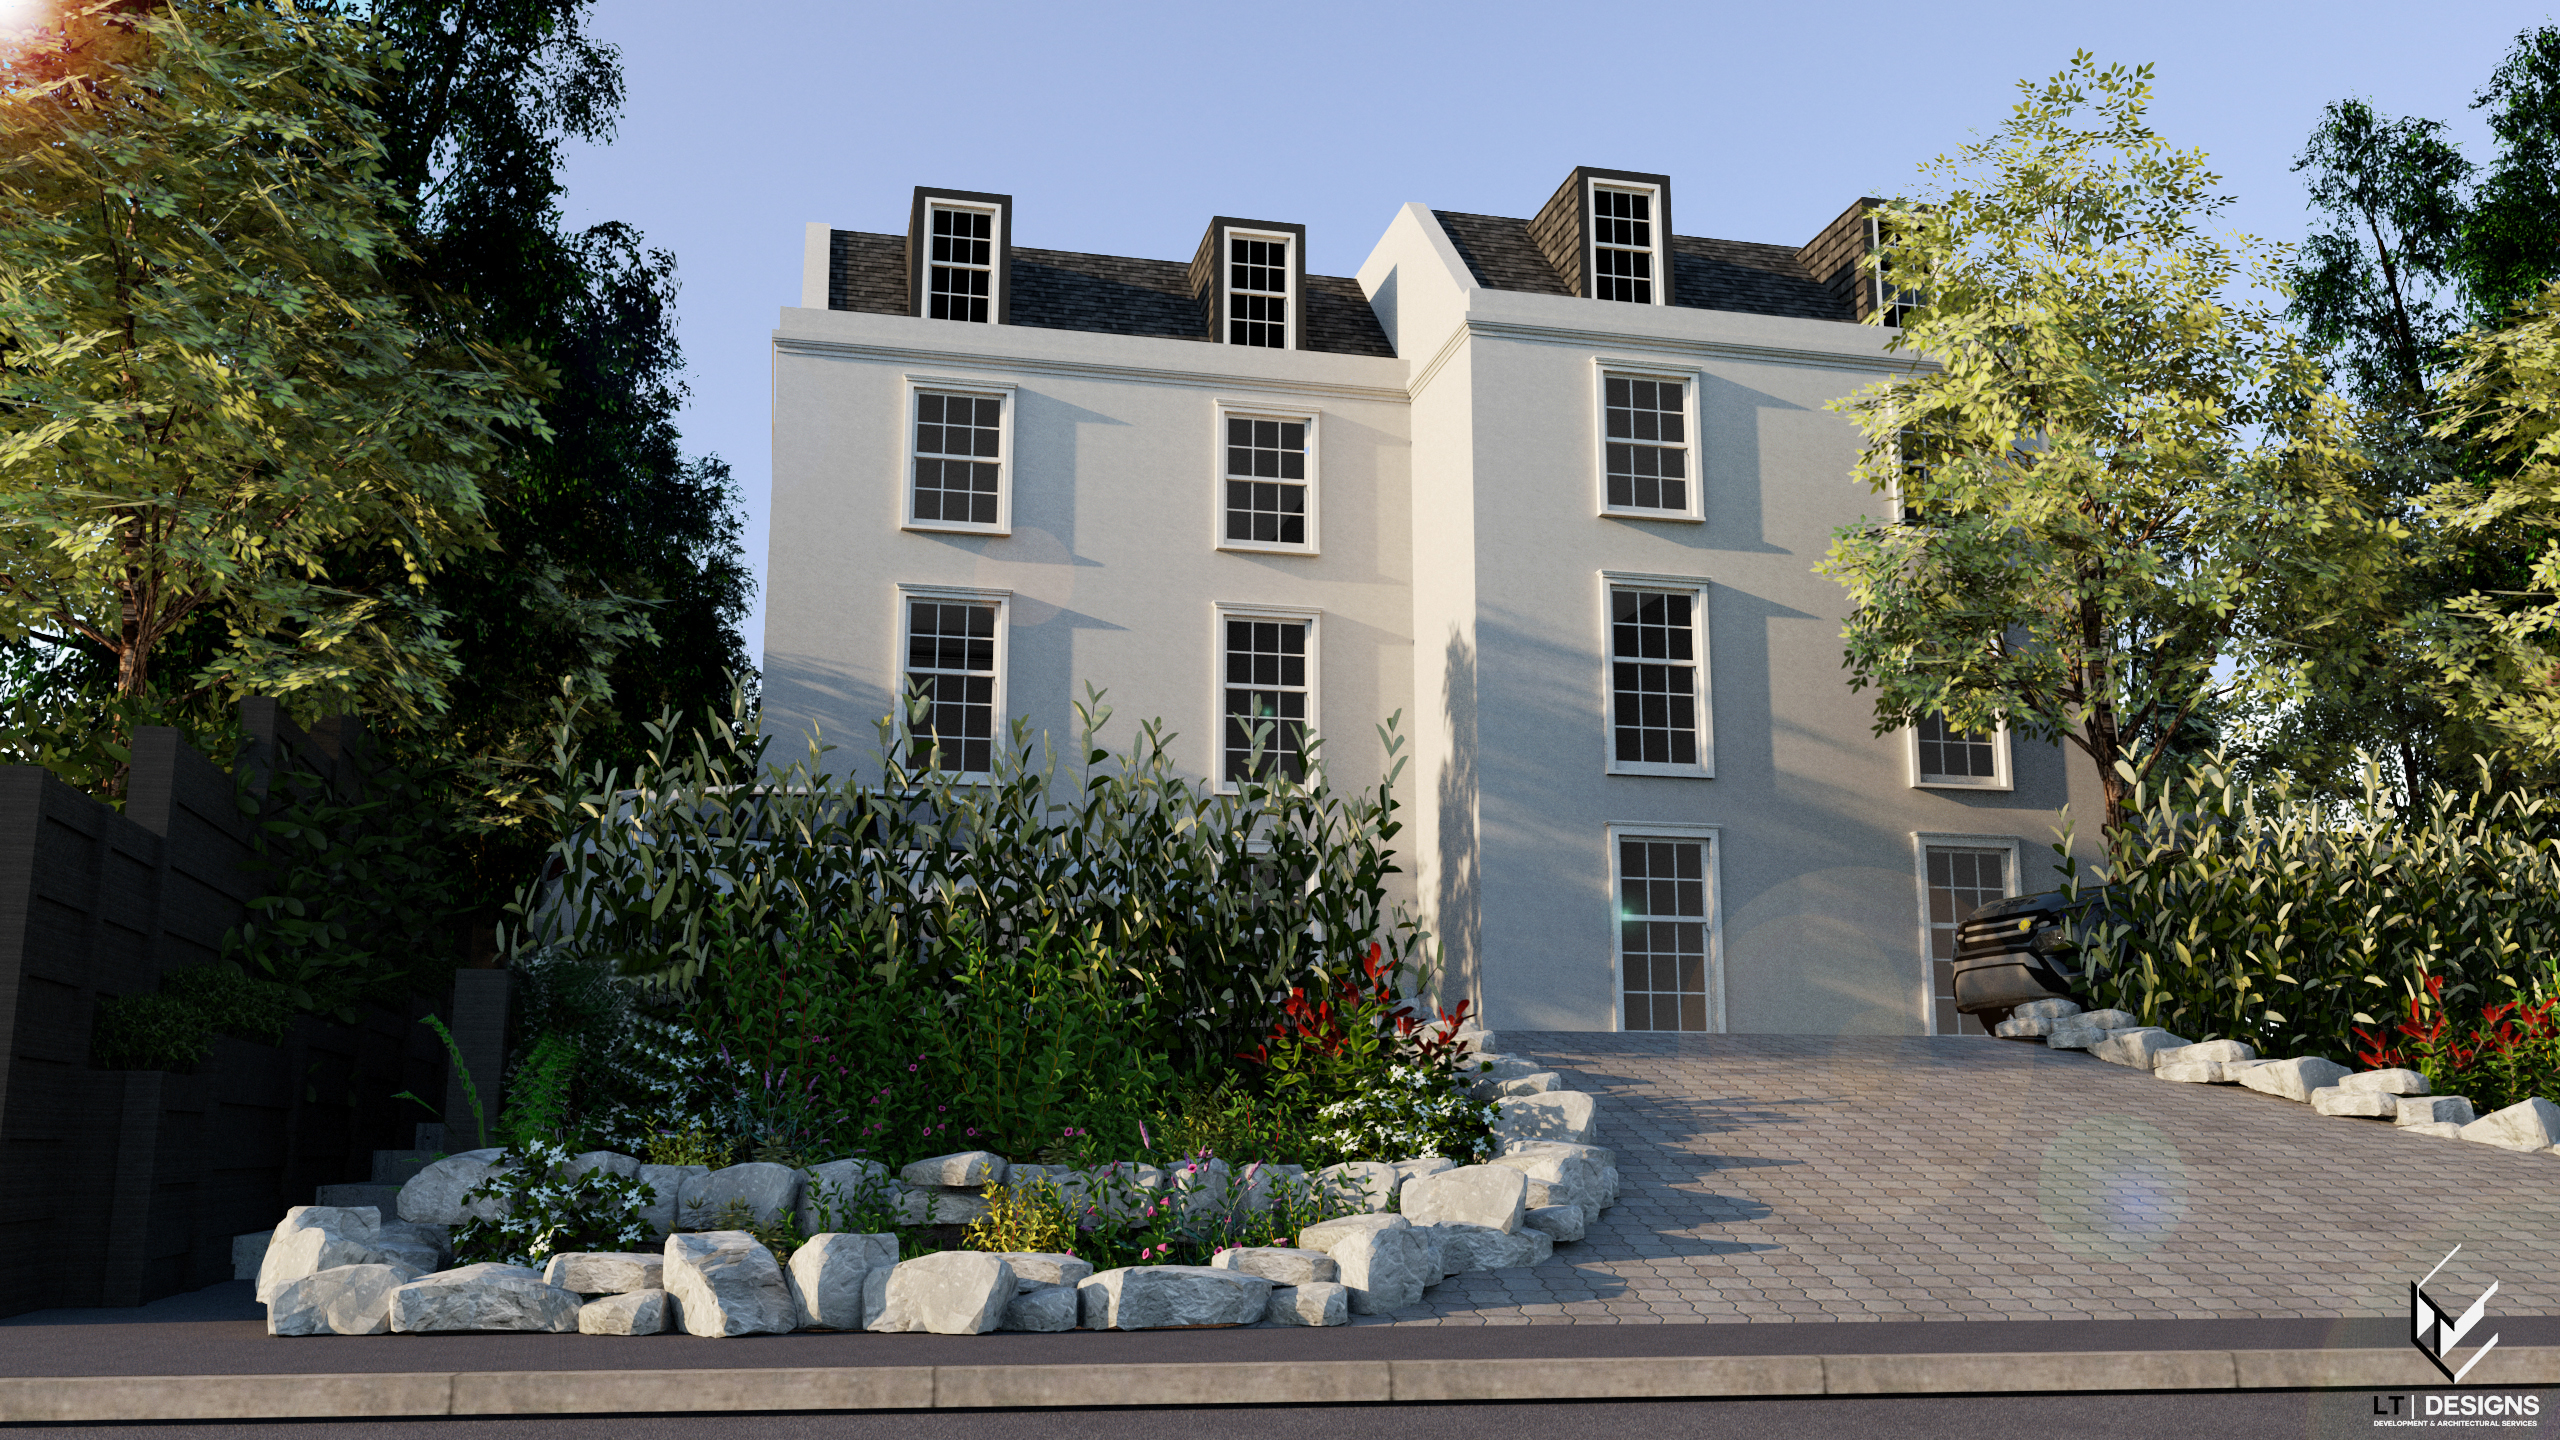 5 Bedroom Townhouse For Sale In Yester Road Chislehurst Br7 London